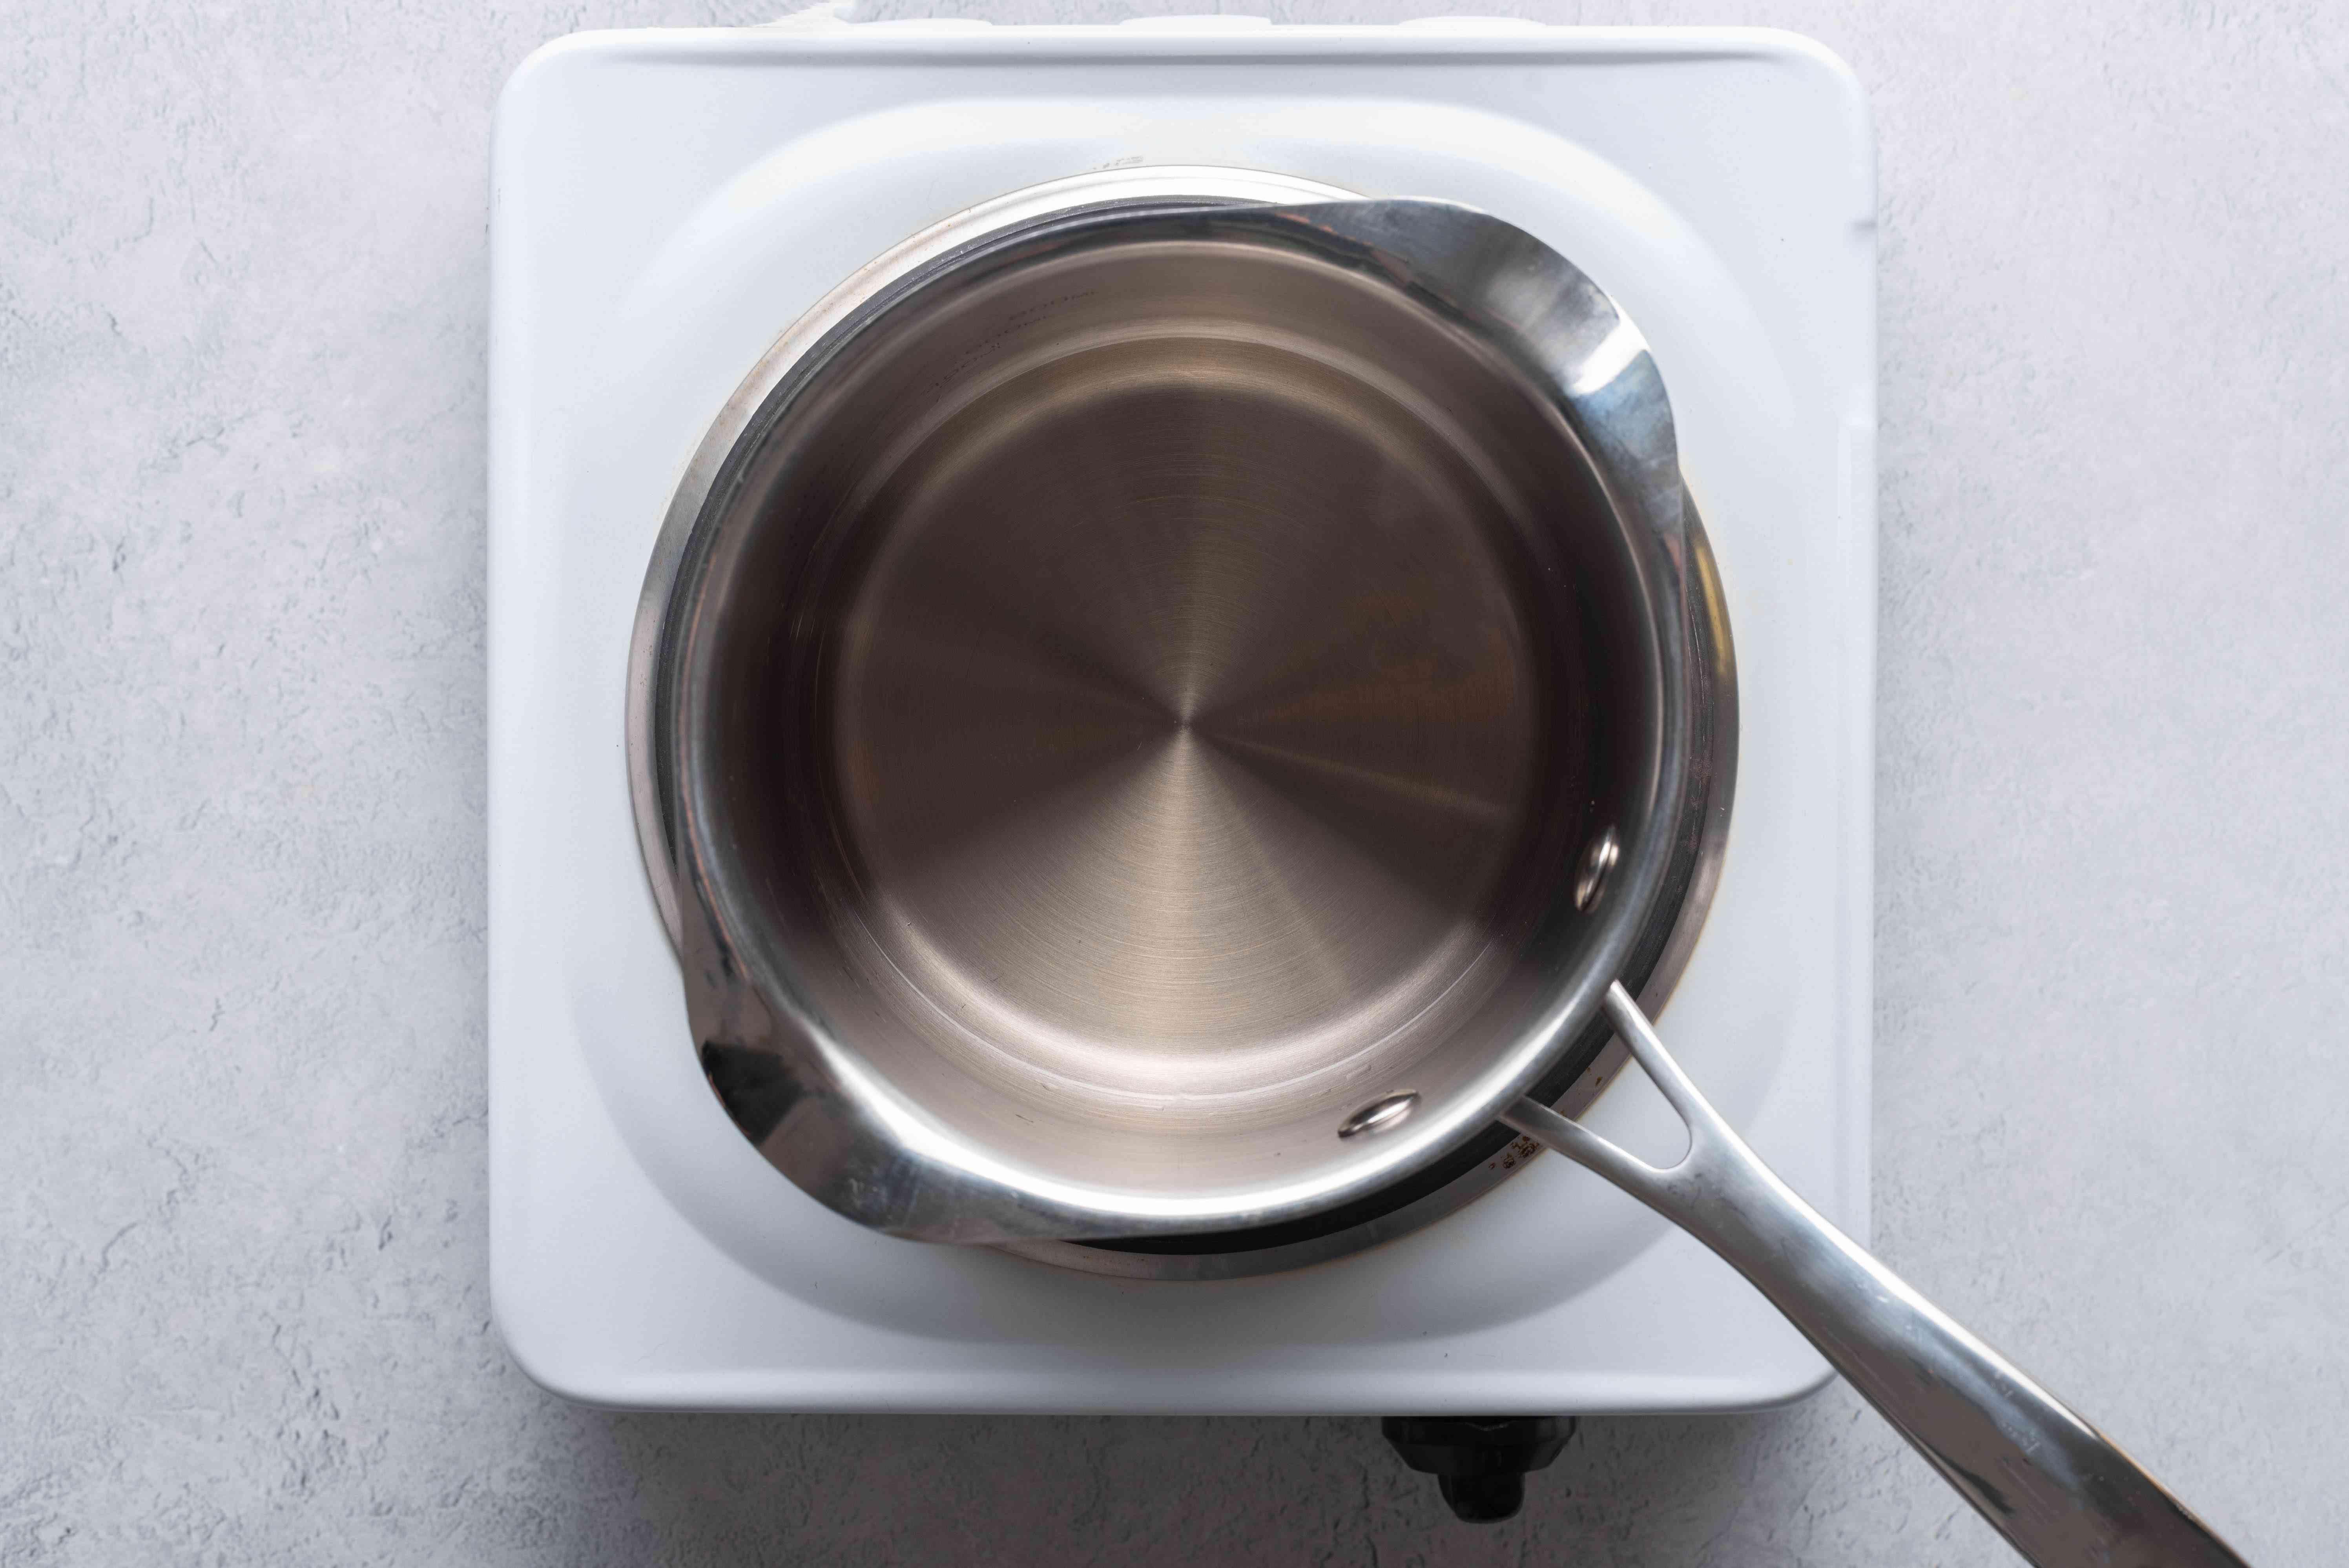 vinegar in a saucepan